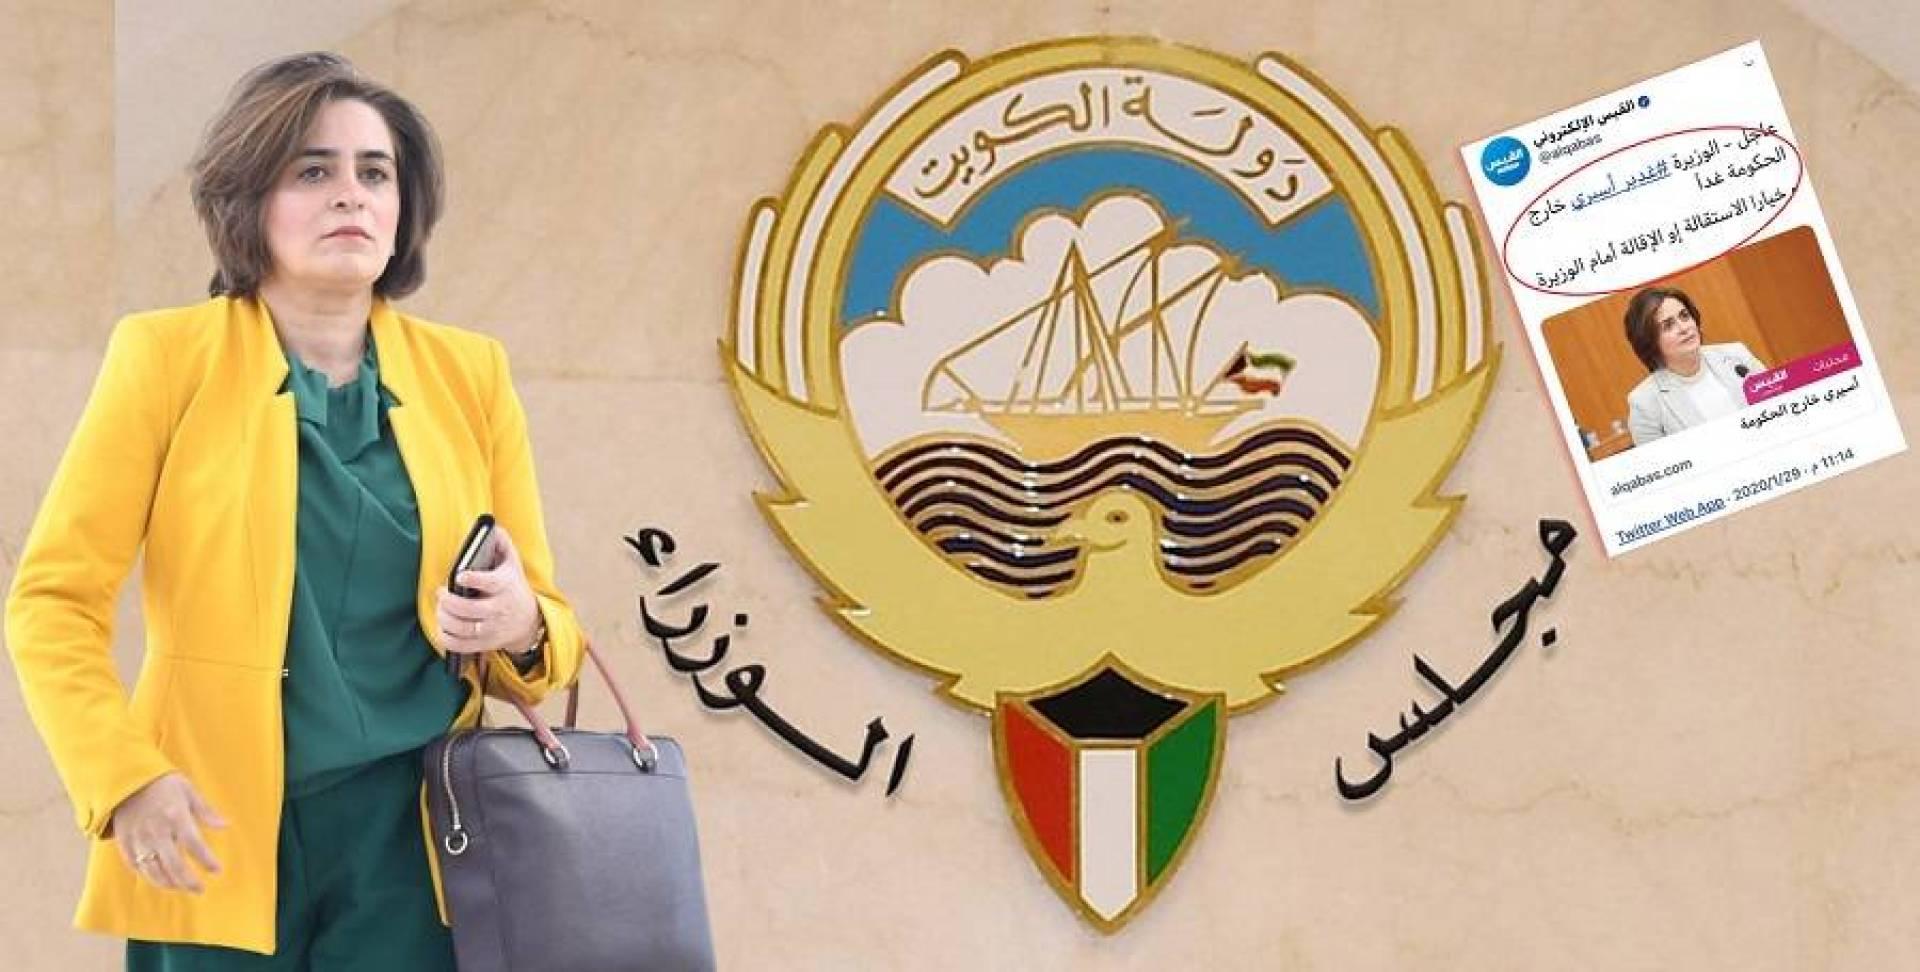 وزيرة الشؤون غدير أسيري تتقدم باستقالتها.. رسمياً